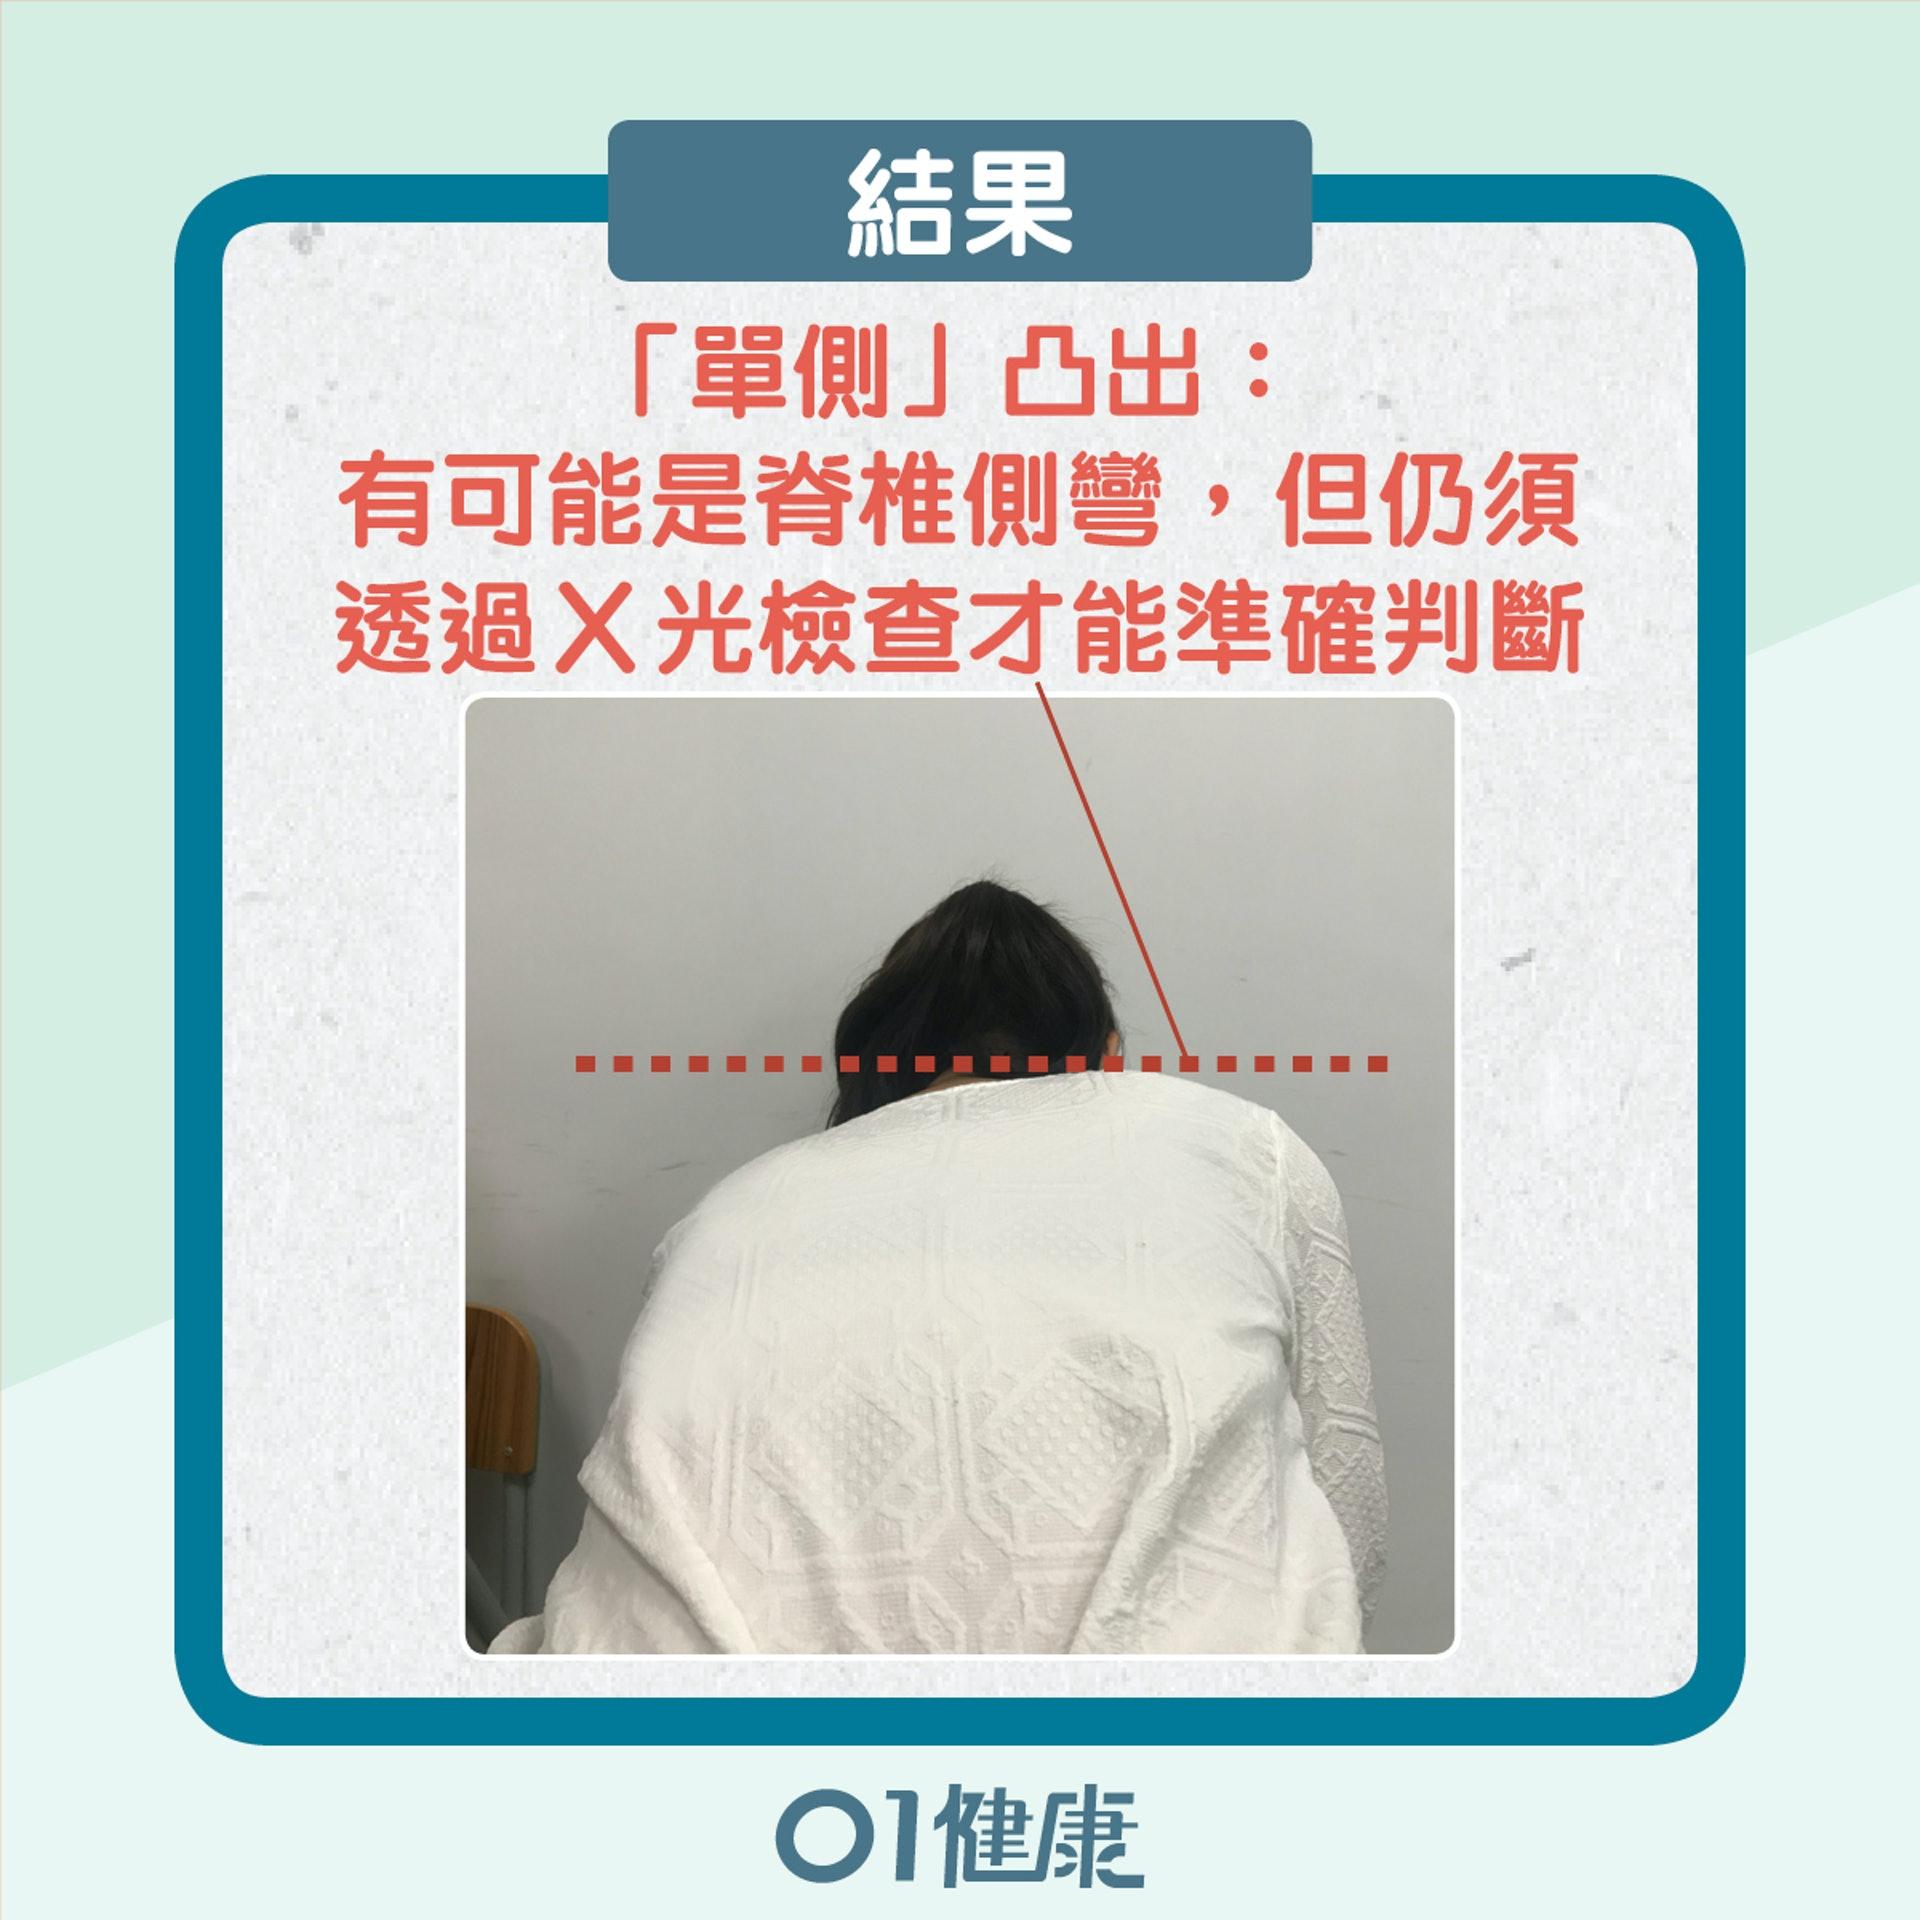 自我檢測脊椎側彎(01製圖)